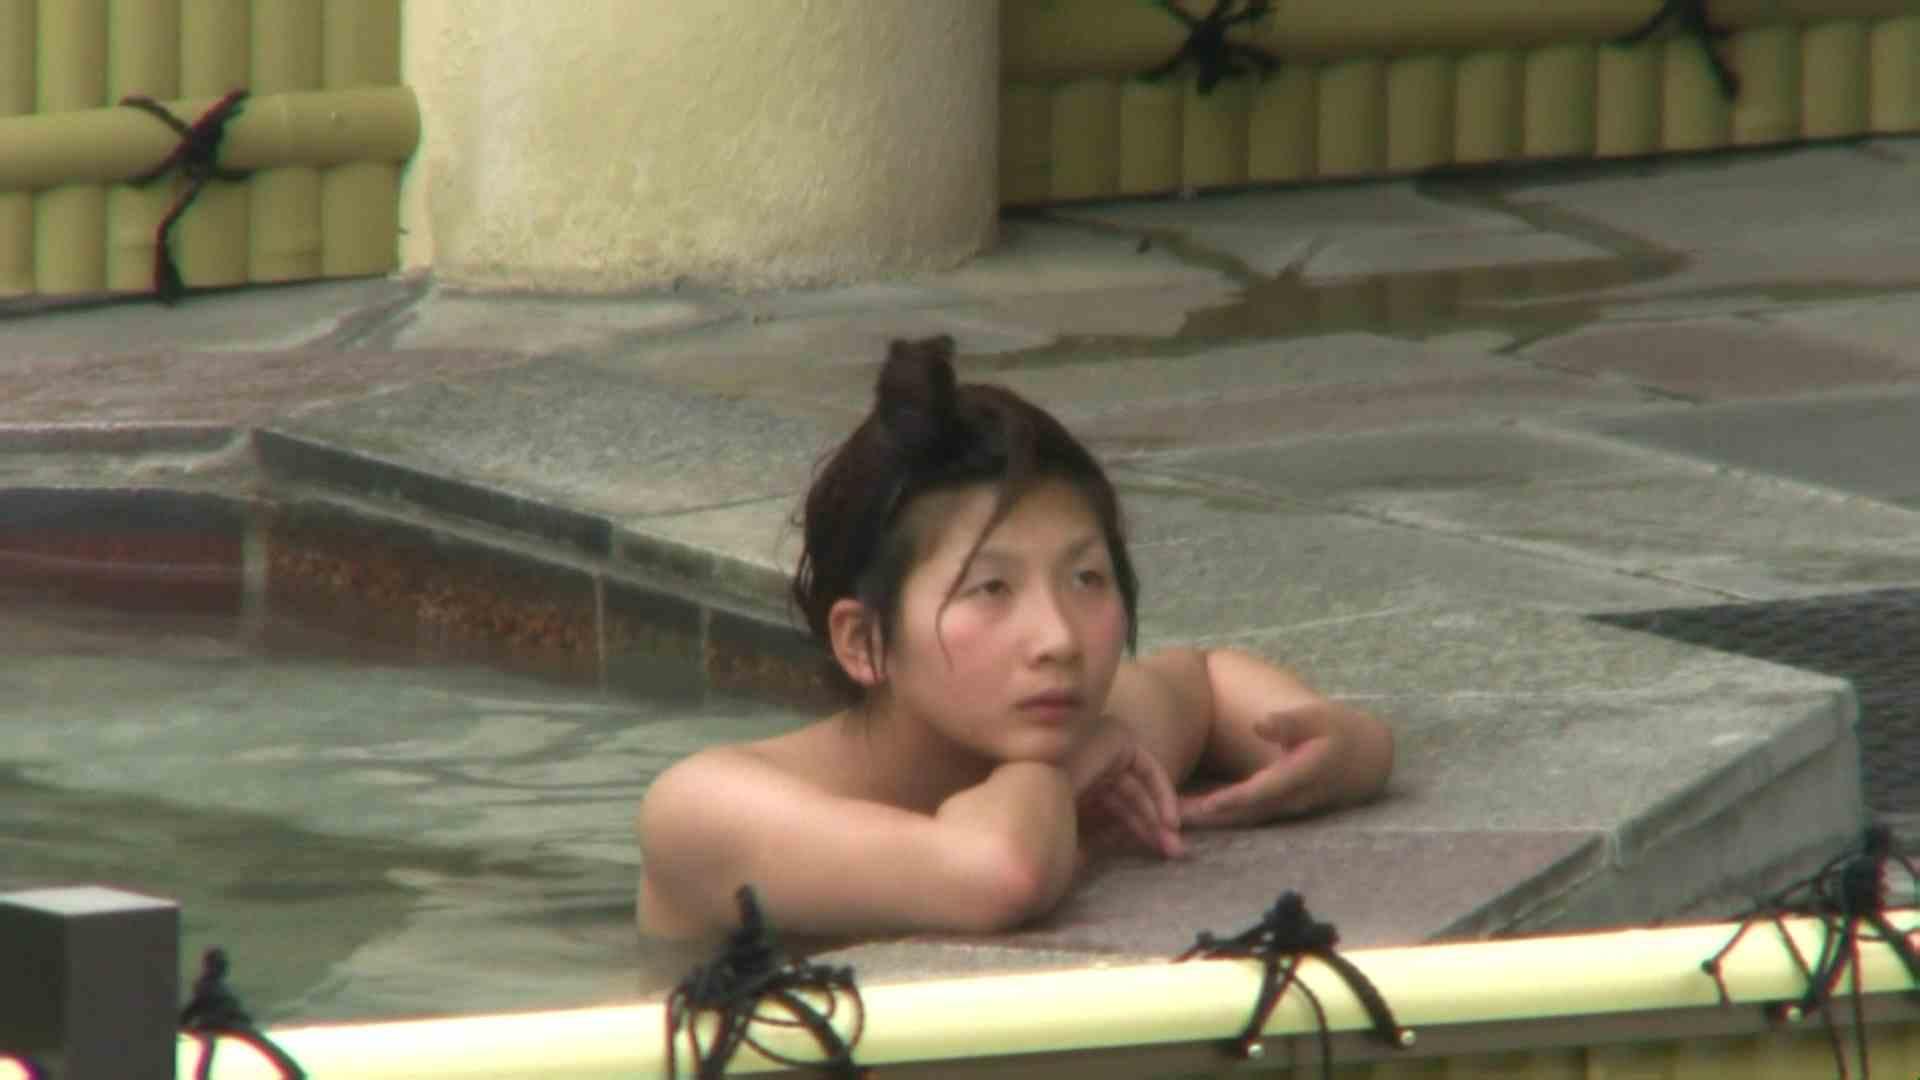 Aquaな露天風呂Vol.66【VIP限定】 0   0  61pic 11